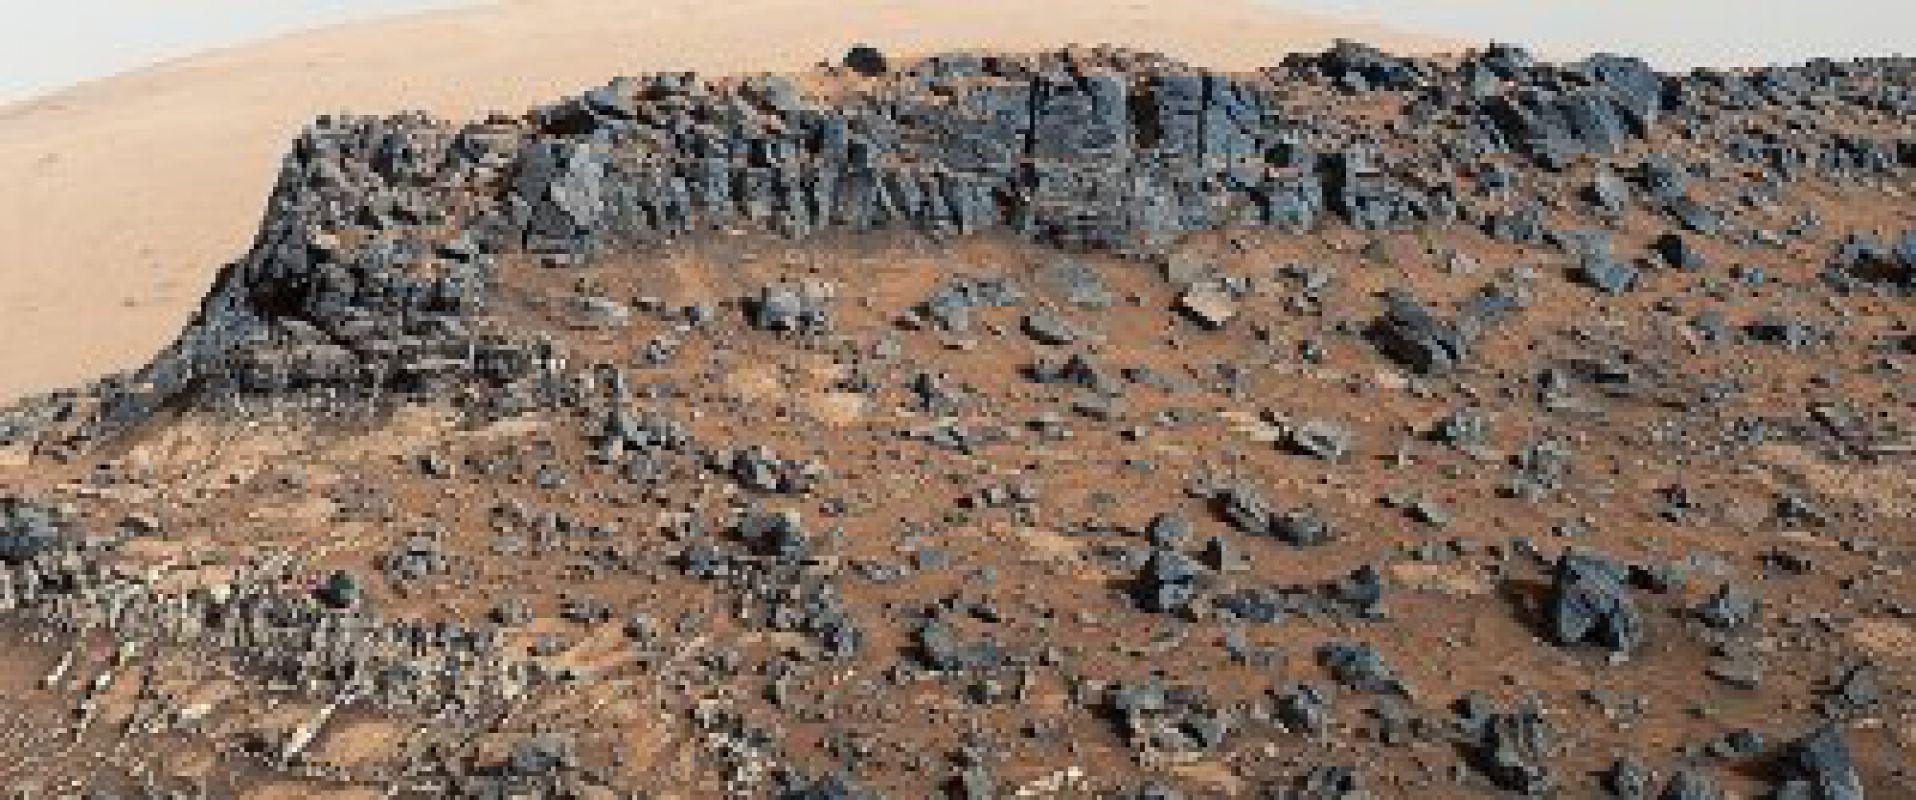 «Водные вены» Марса. Фотографии с «Curiosity»